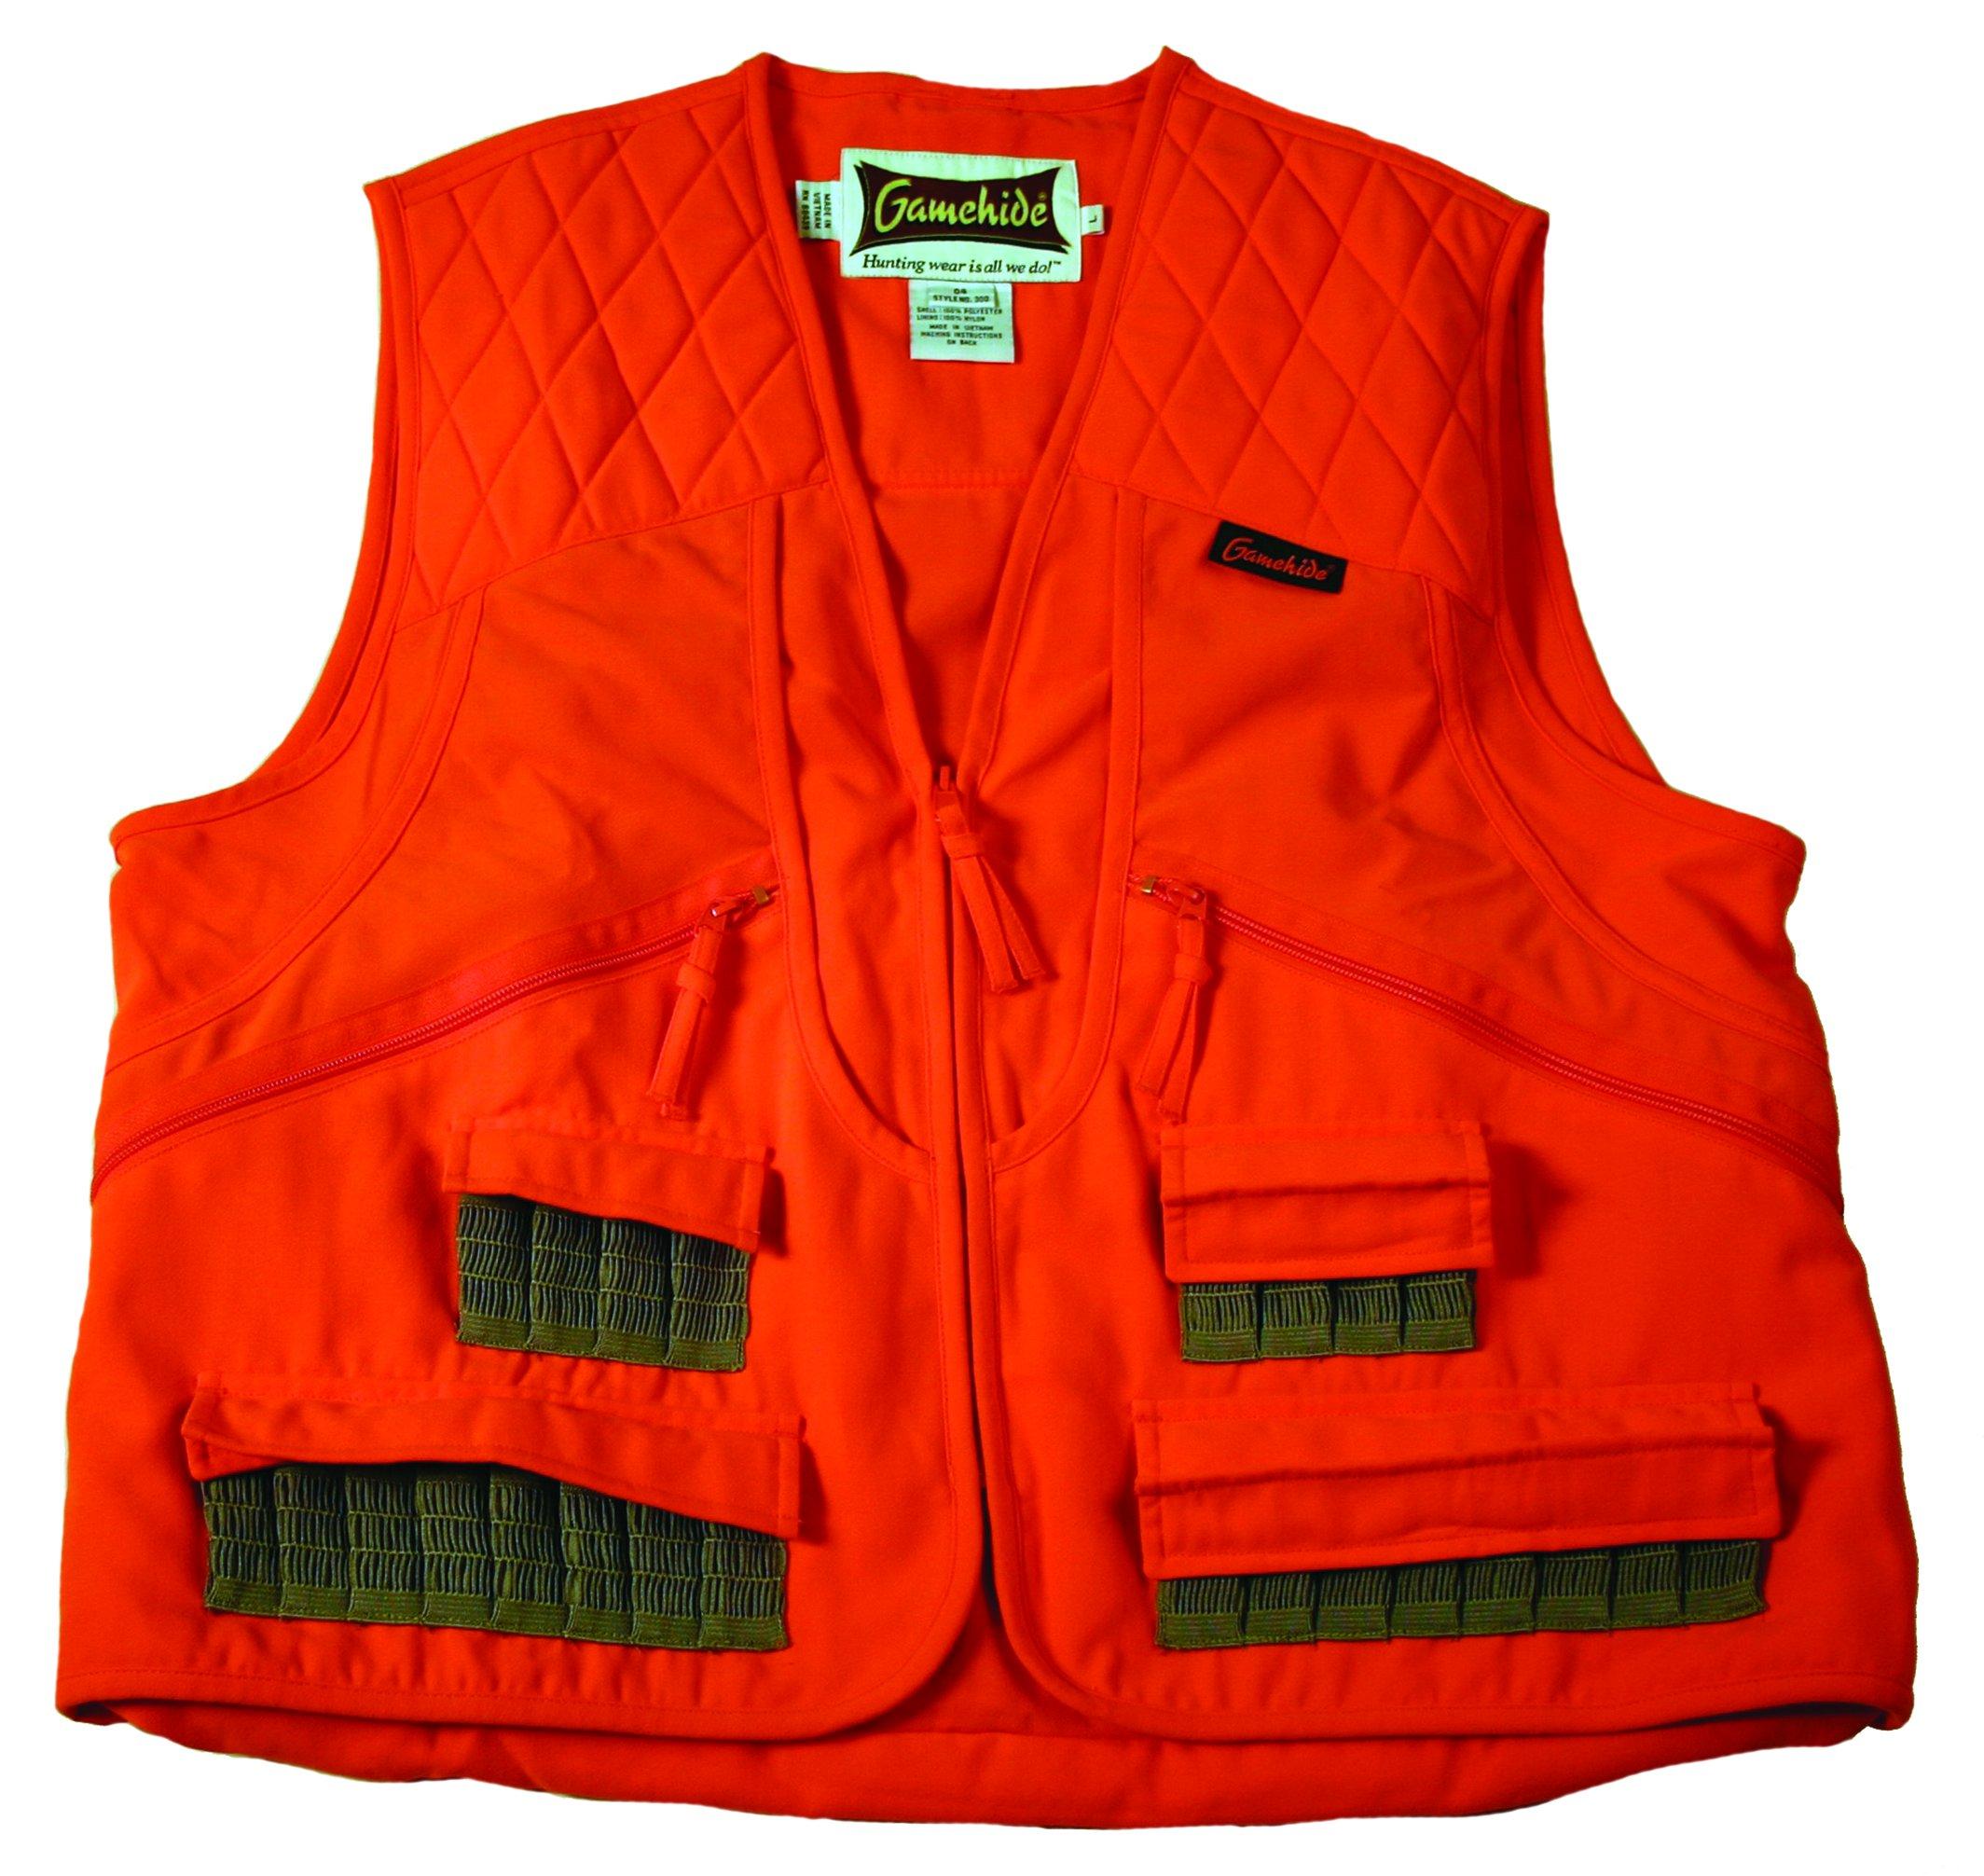 Gamehide Pheasant Vest, Medium by Gamehide